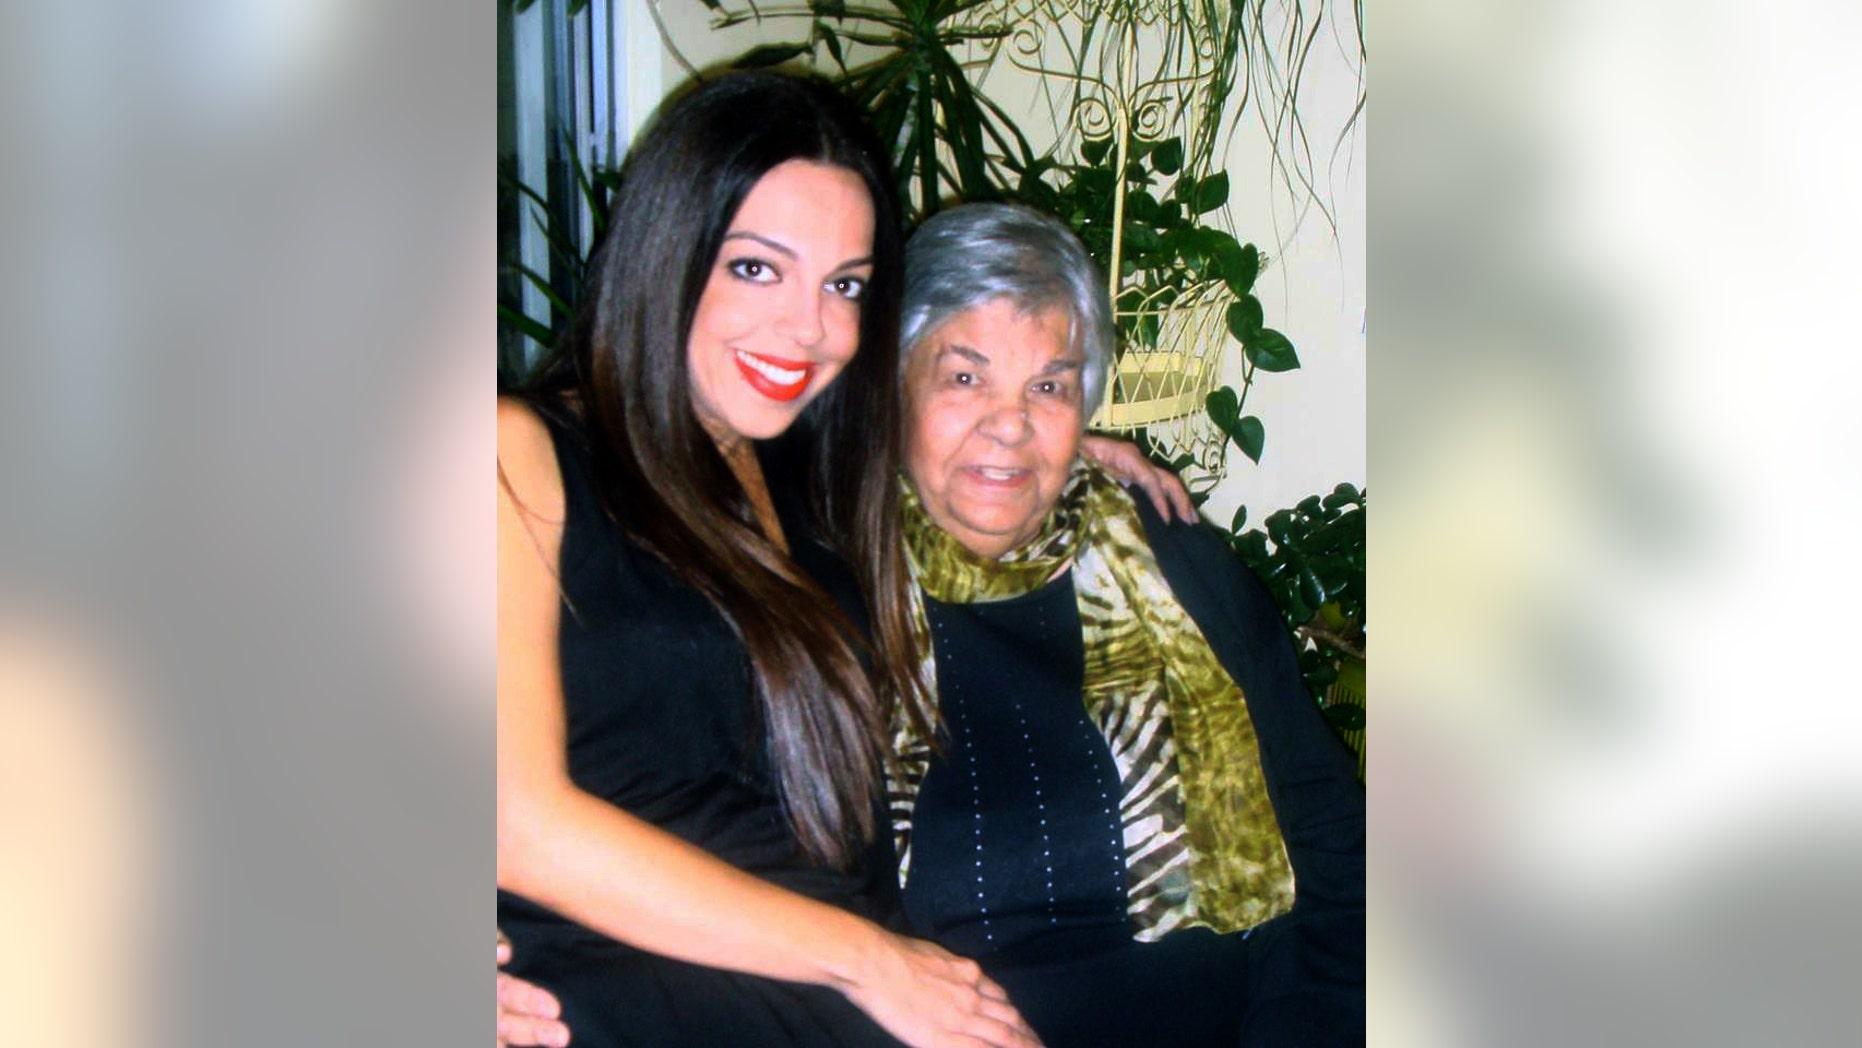 Lisa Daftari (L) and her grandmother.